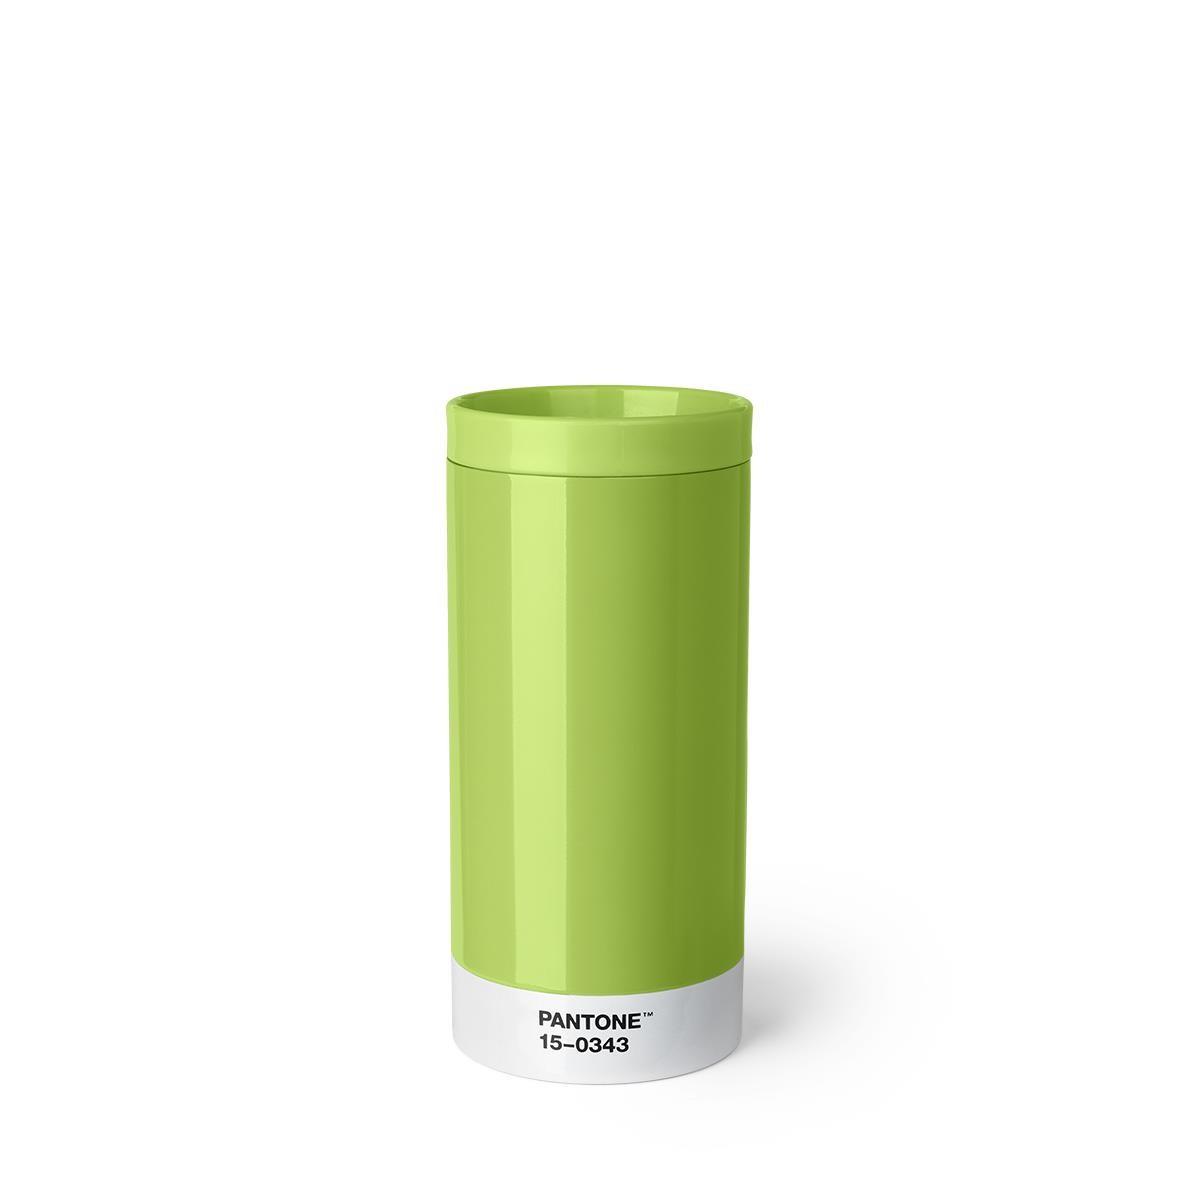 Tazza da Viaggio in Acciaio - Verde 15-0343 - Set da 6 Pezzi